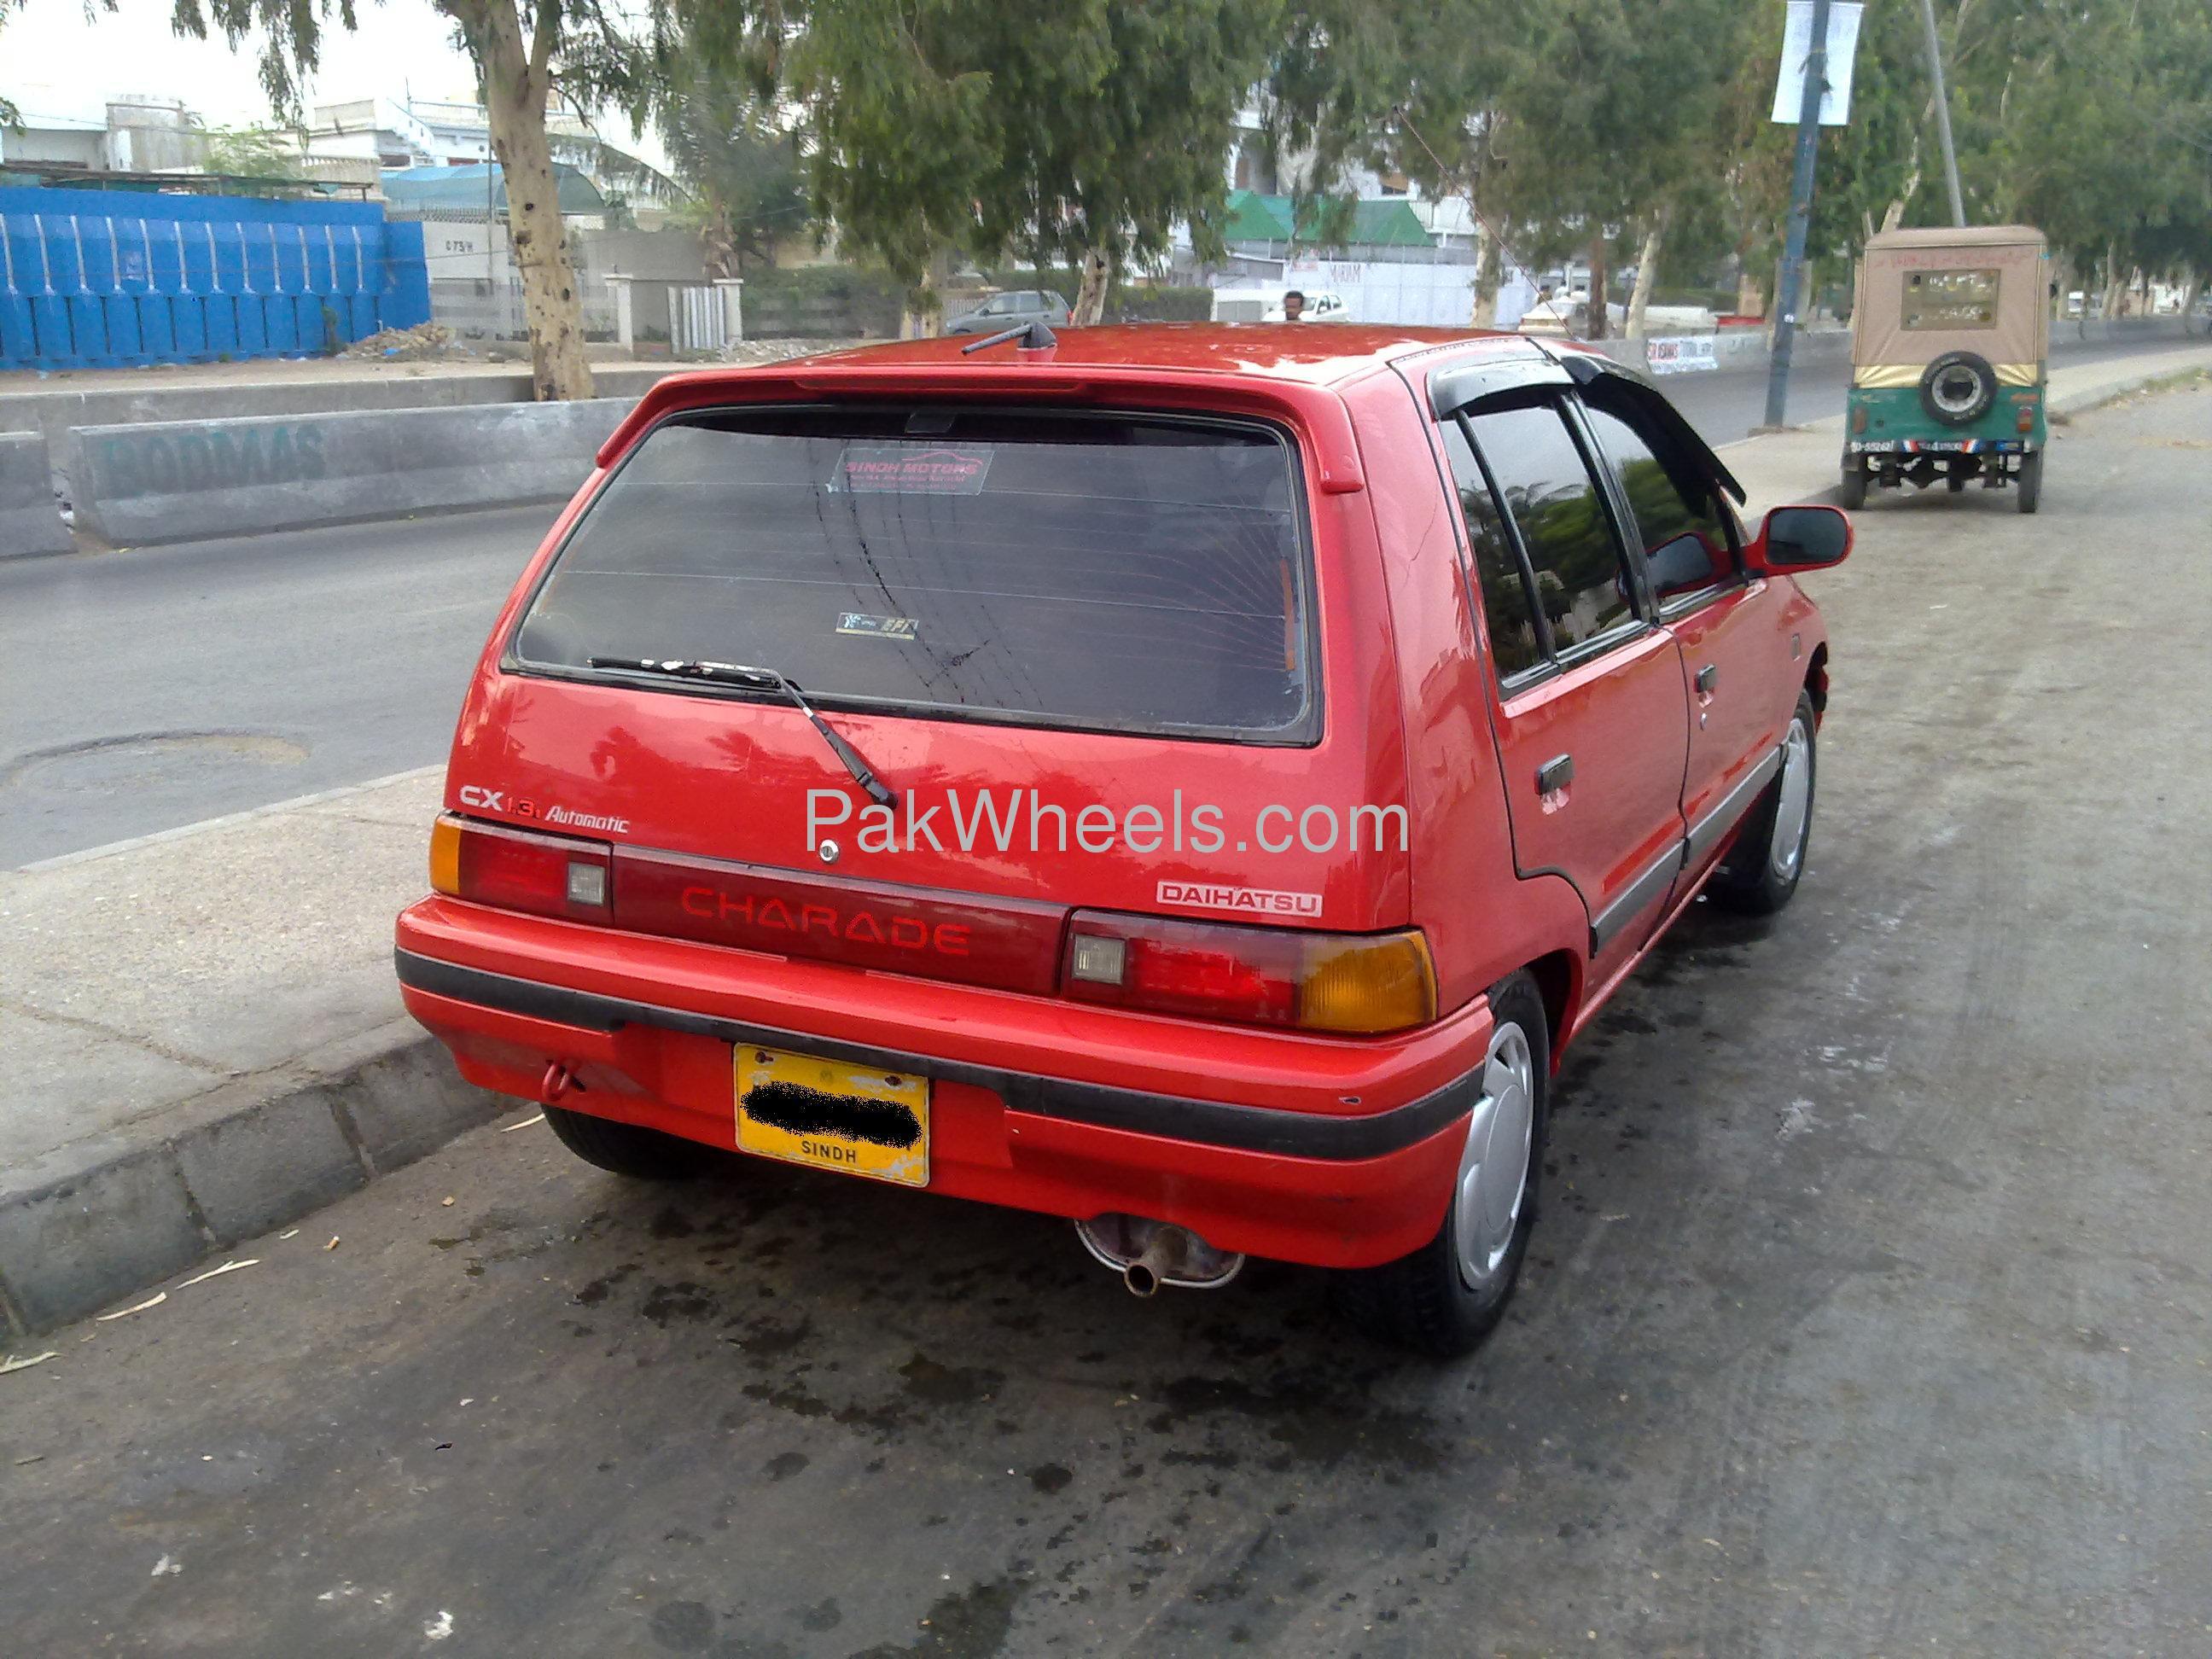 Daihatsu charade 2006 for sale in karachi pakwheels daihatsu charade 2006 vanachro Choice Image